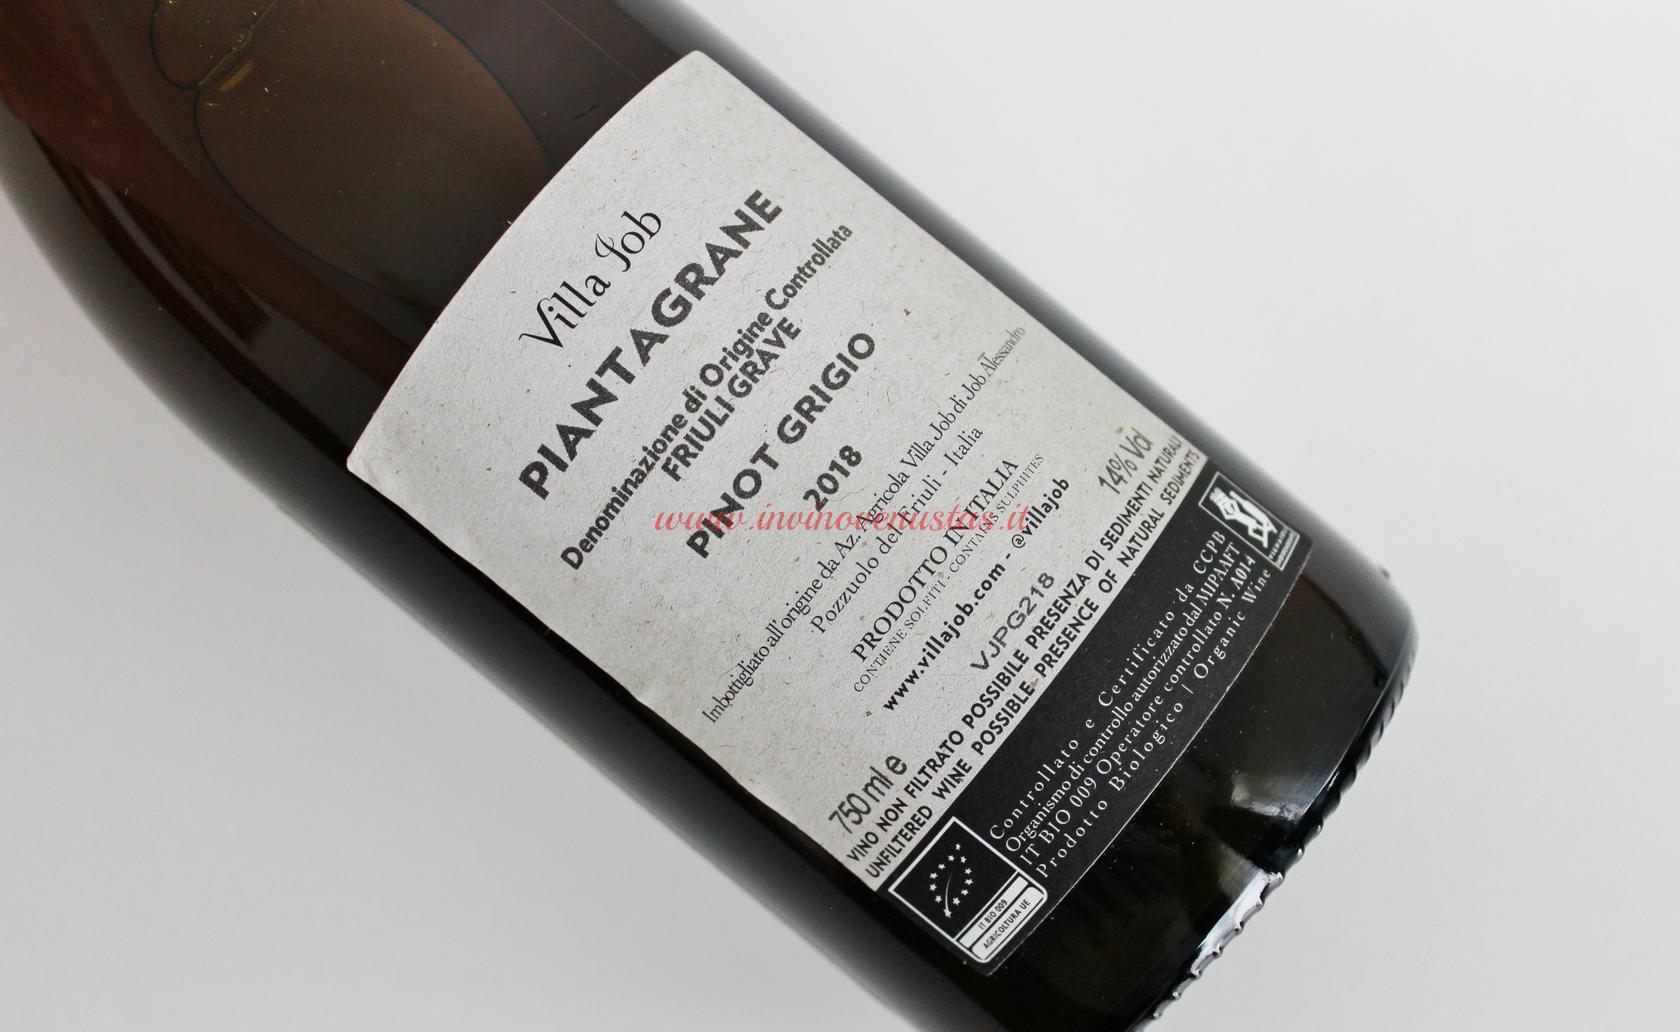 Retro etichetta Pinot Grigio Piantagrane Villa Job 2018